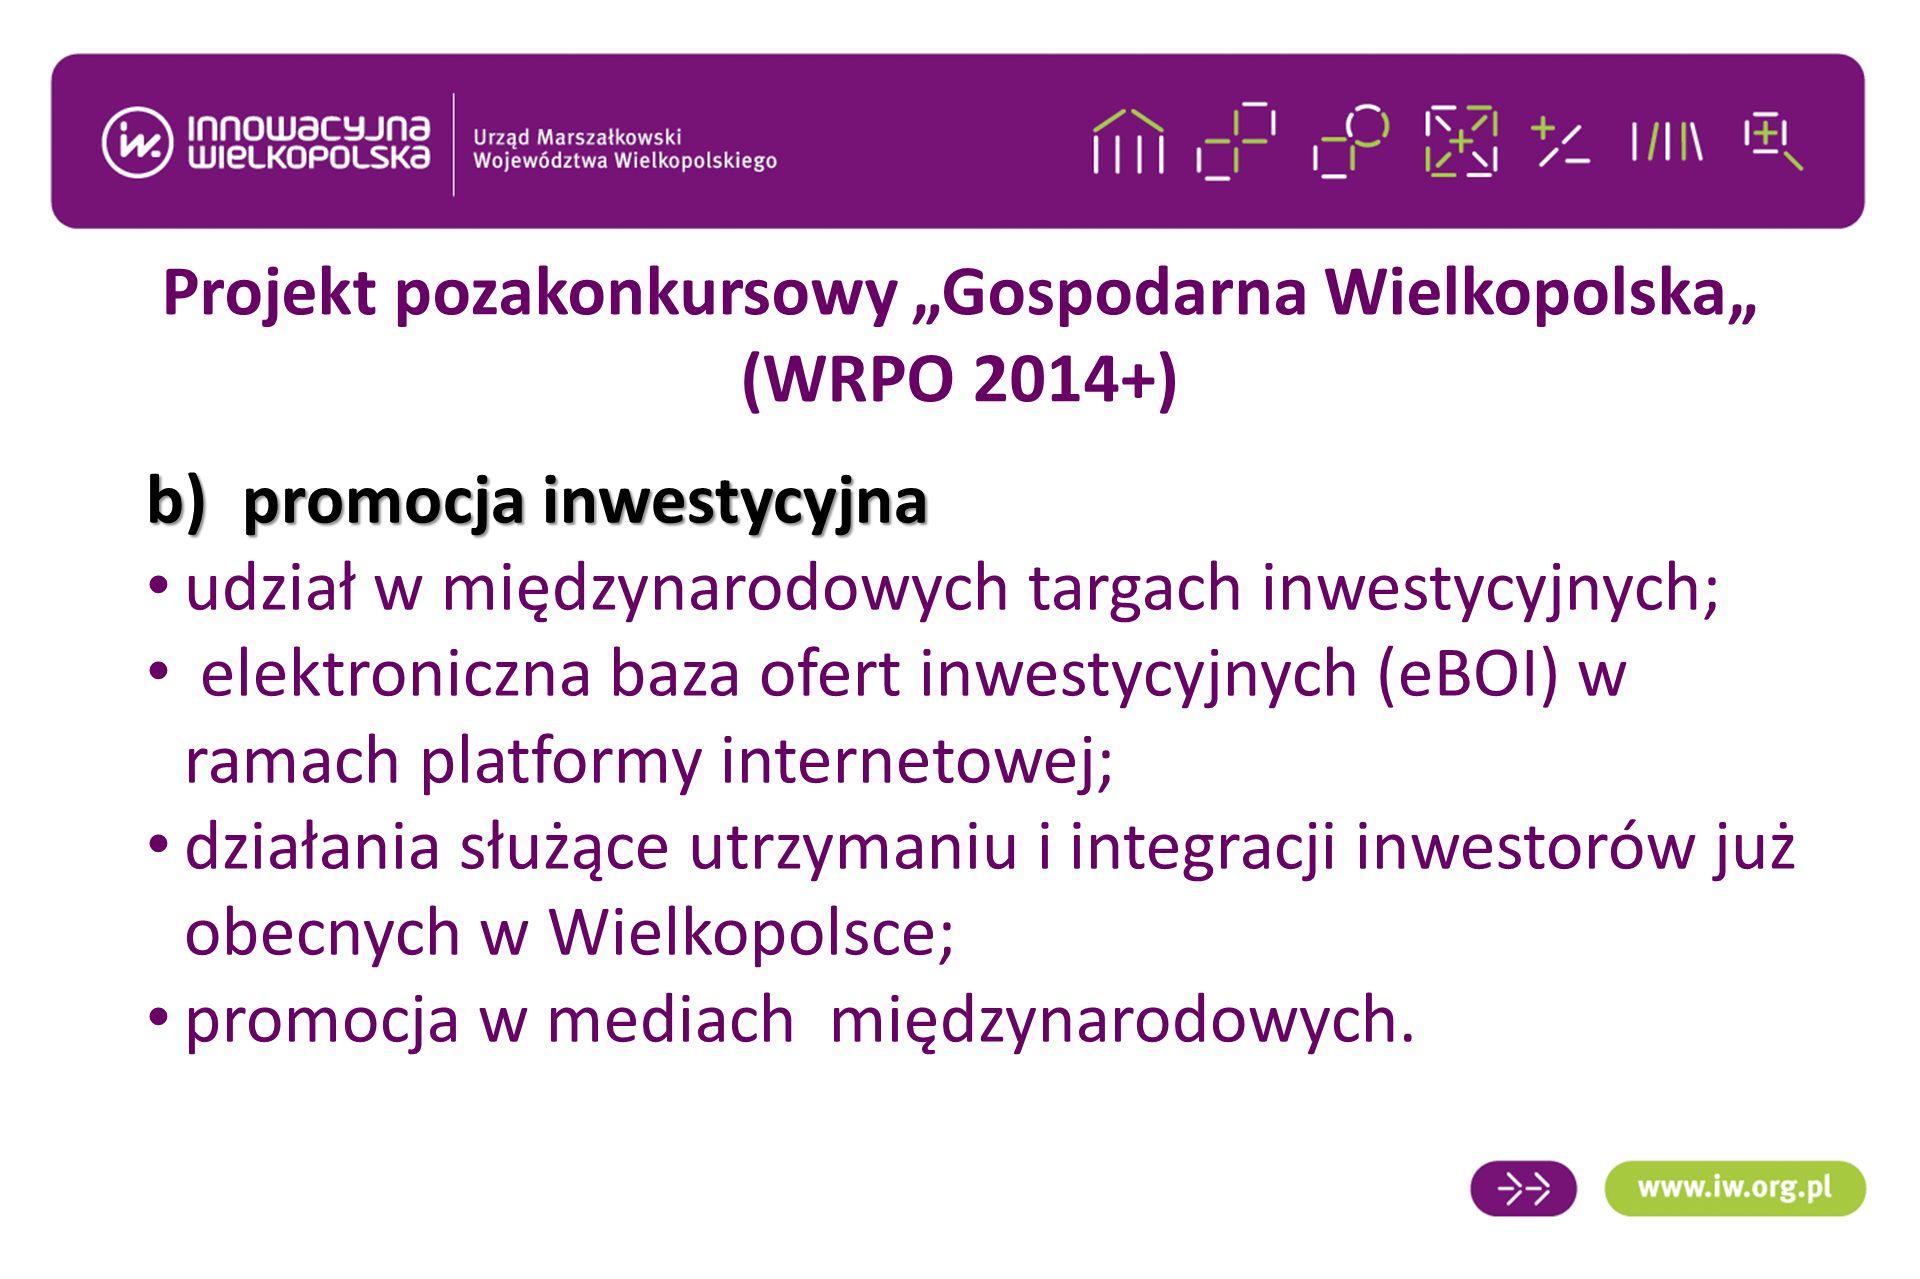 """Projekt pozakonkursowy """"Gospodarna Wielkopolska"""" (WRPO 2014+) b)promocja inwestycyjna udział w międzynarodowych targach inwestycyjnych; elektroniczna baza ofert inwestycyjnych (eBOI) w ramach platformy internetowej; działania służące utrzymaniu i integracji inwestorów już obecnych w Wielkopolsce; promocja w mediach międzynarodowych."""